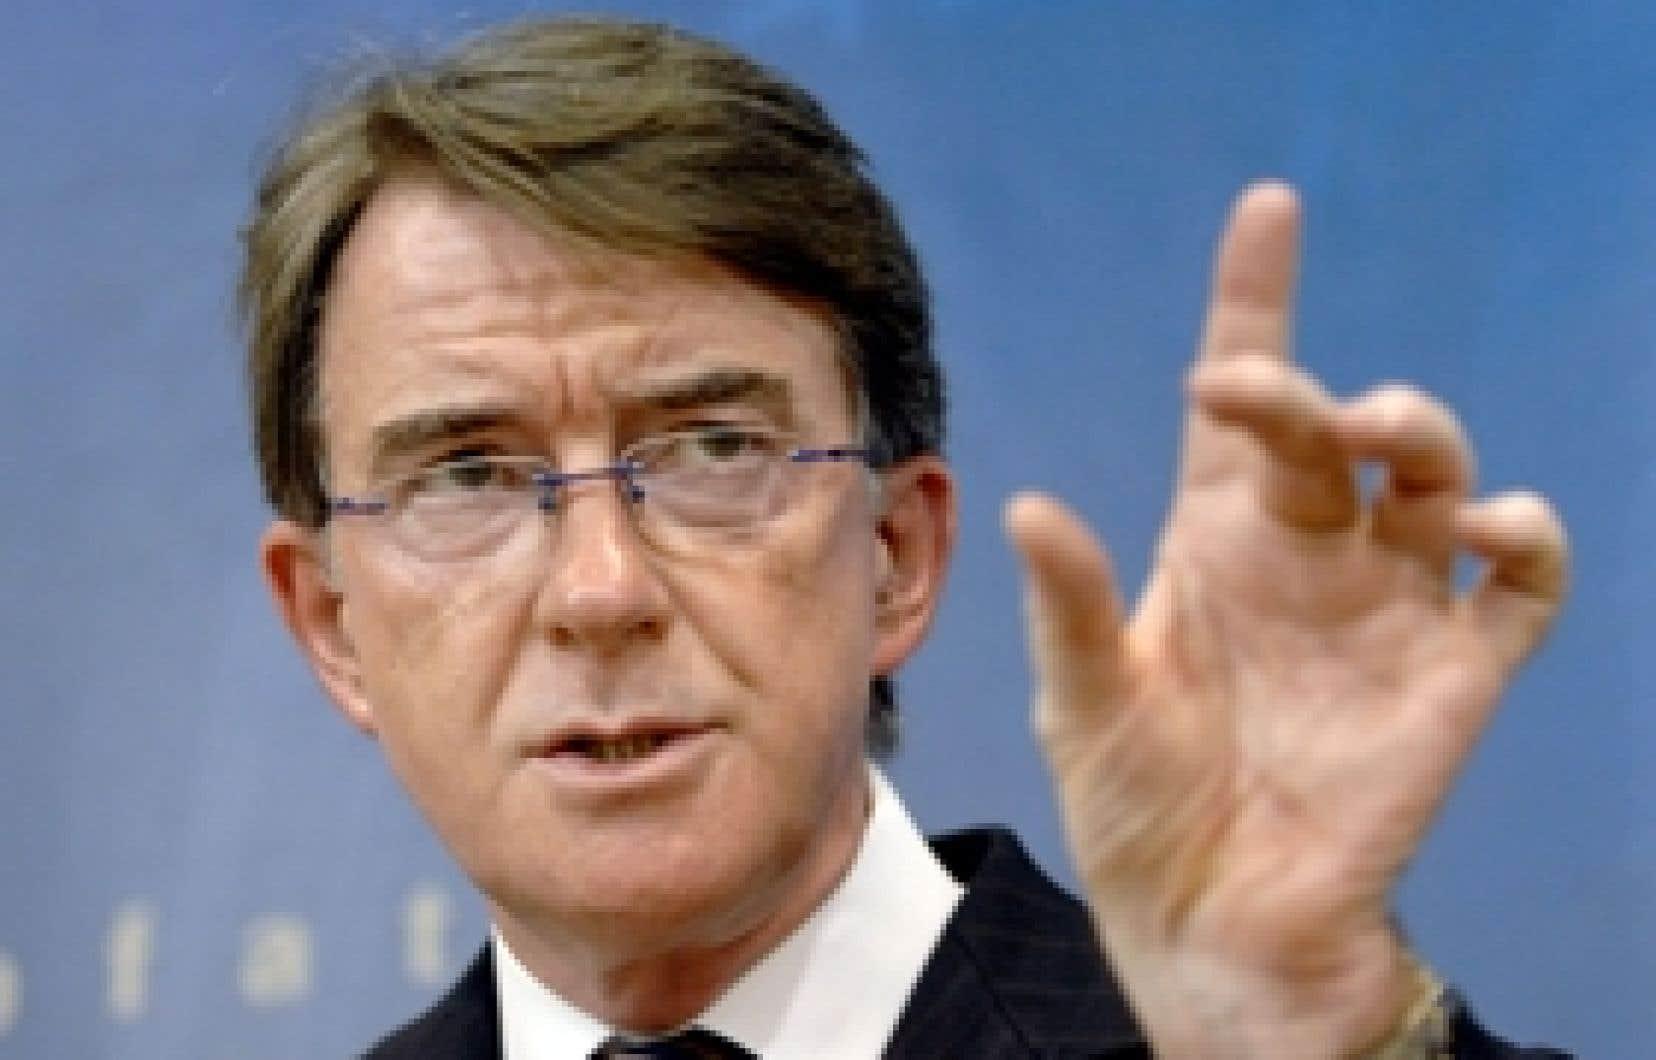 «Sur le plan diplomatique, l'Europe est en forte position. Nous sommes vus comme les grands champions de ce processus multilatéral», a déclaré le commissaire européen au Commerce, Peter Mandelson, aux ministres des Affaires étrangères des 27 r